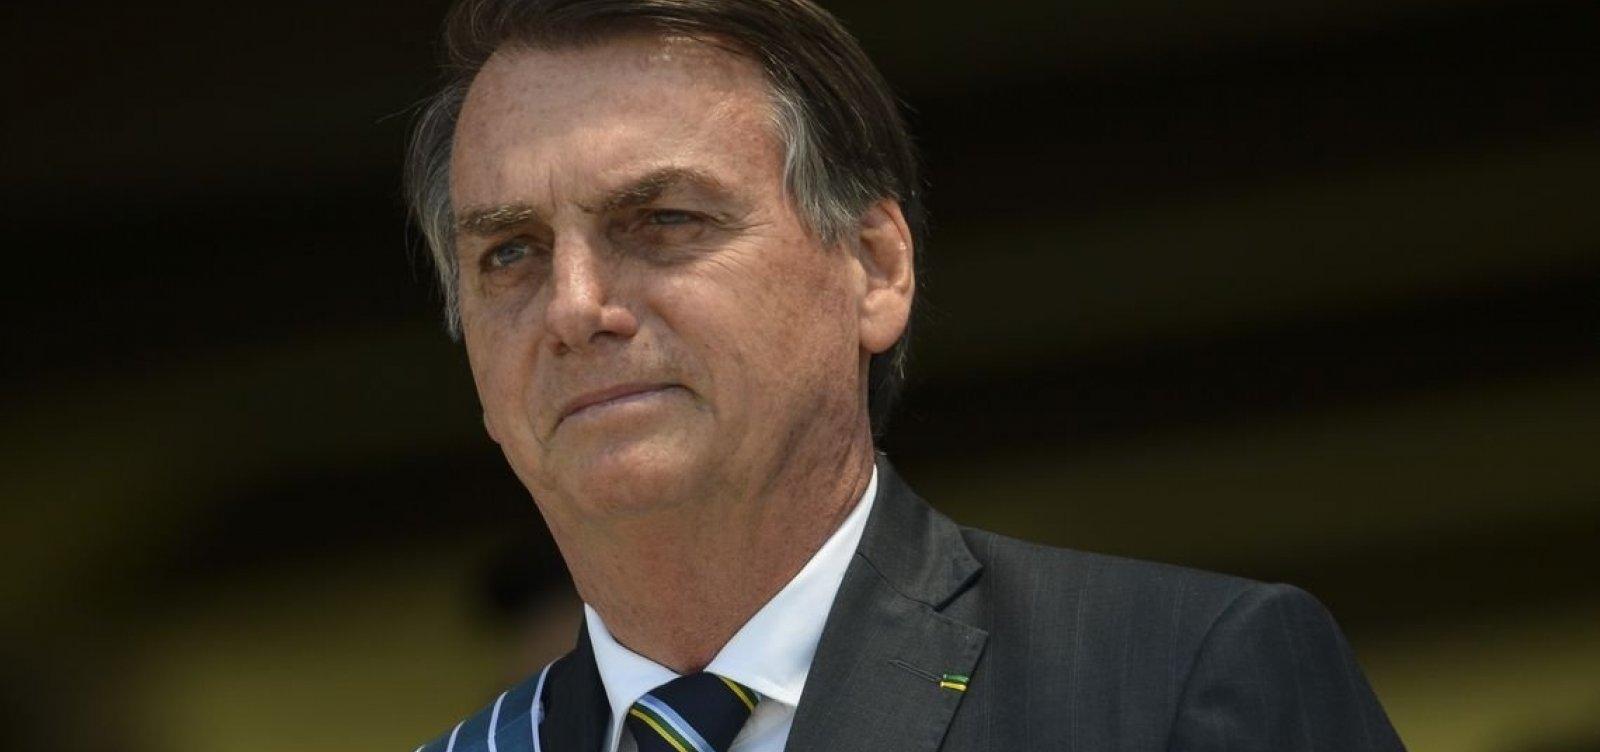 ['Pergunta para eles', diz Bolsonaro ao ser questionado se fica no PSL]